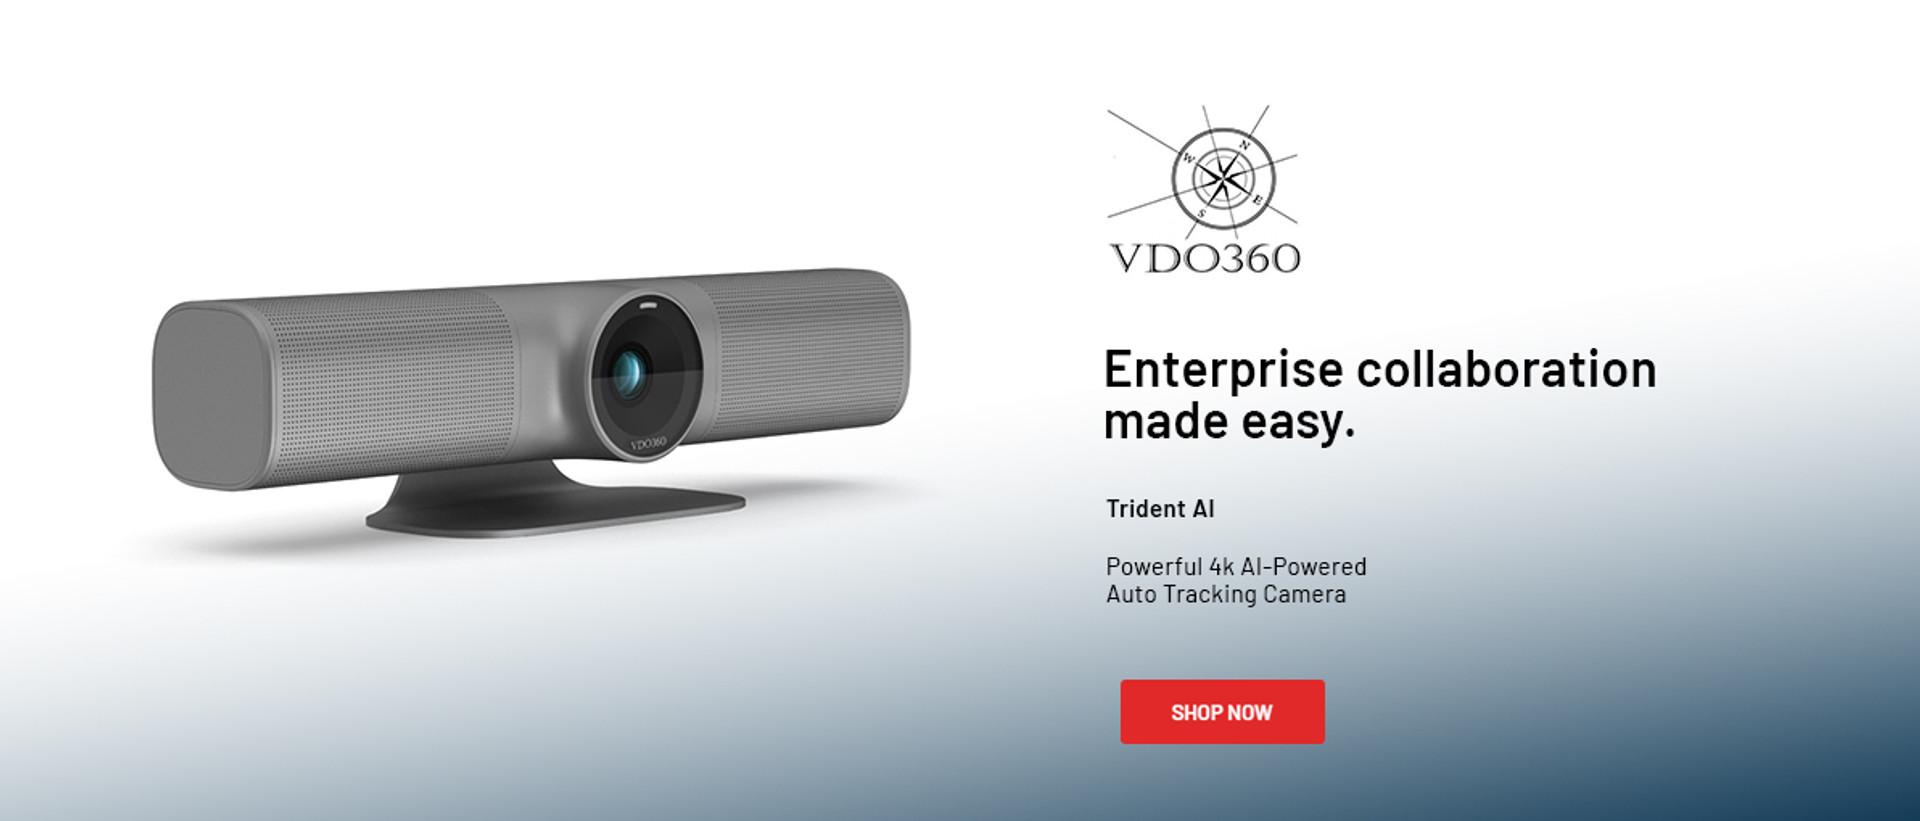 VDO360 Trident AI